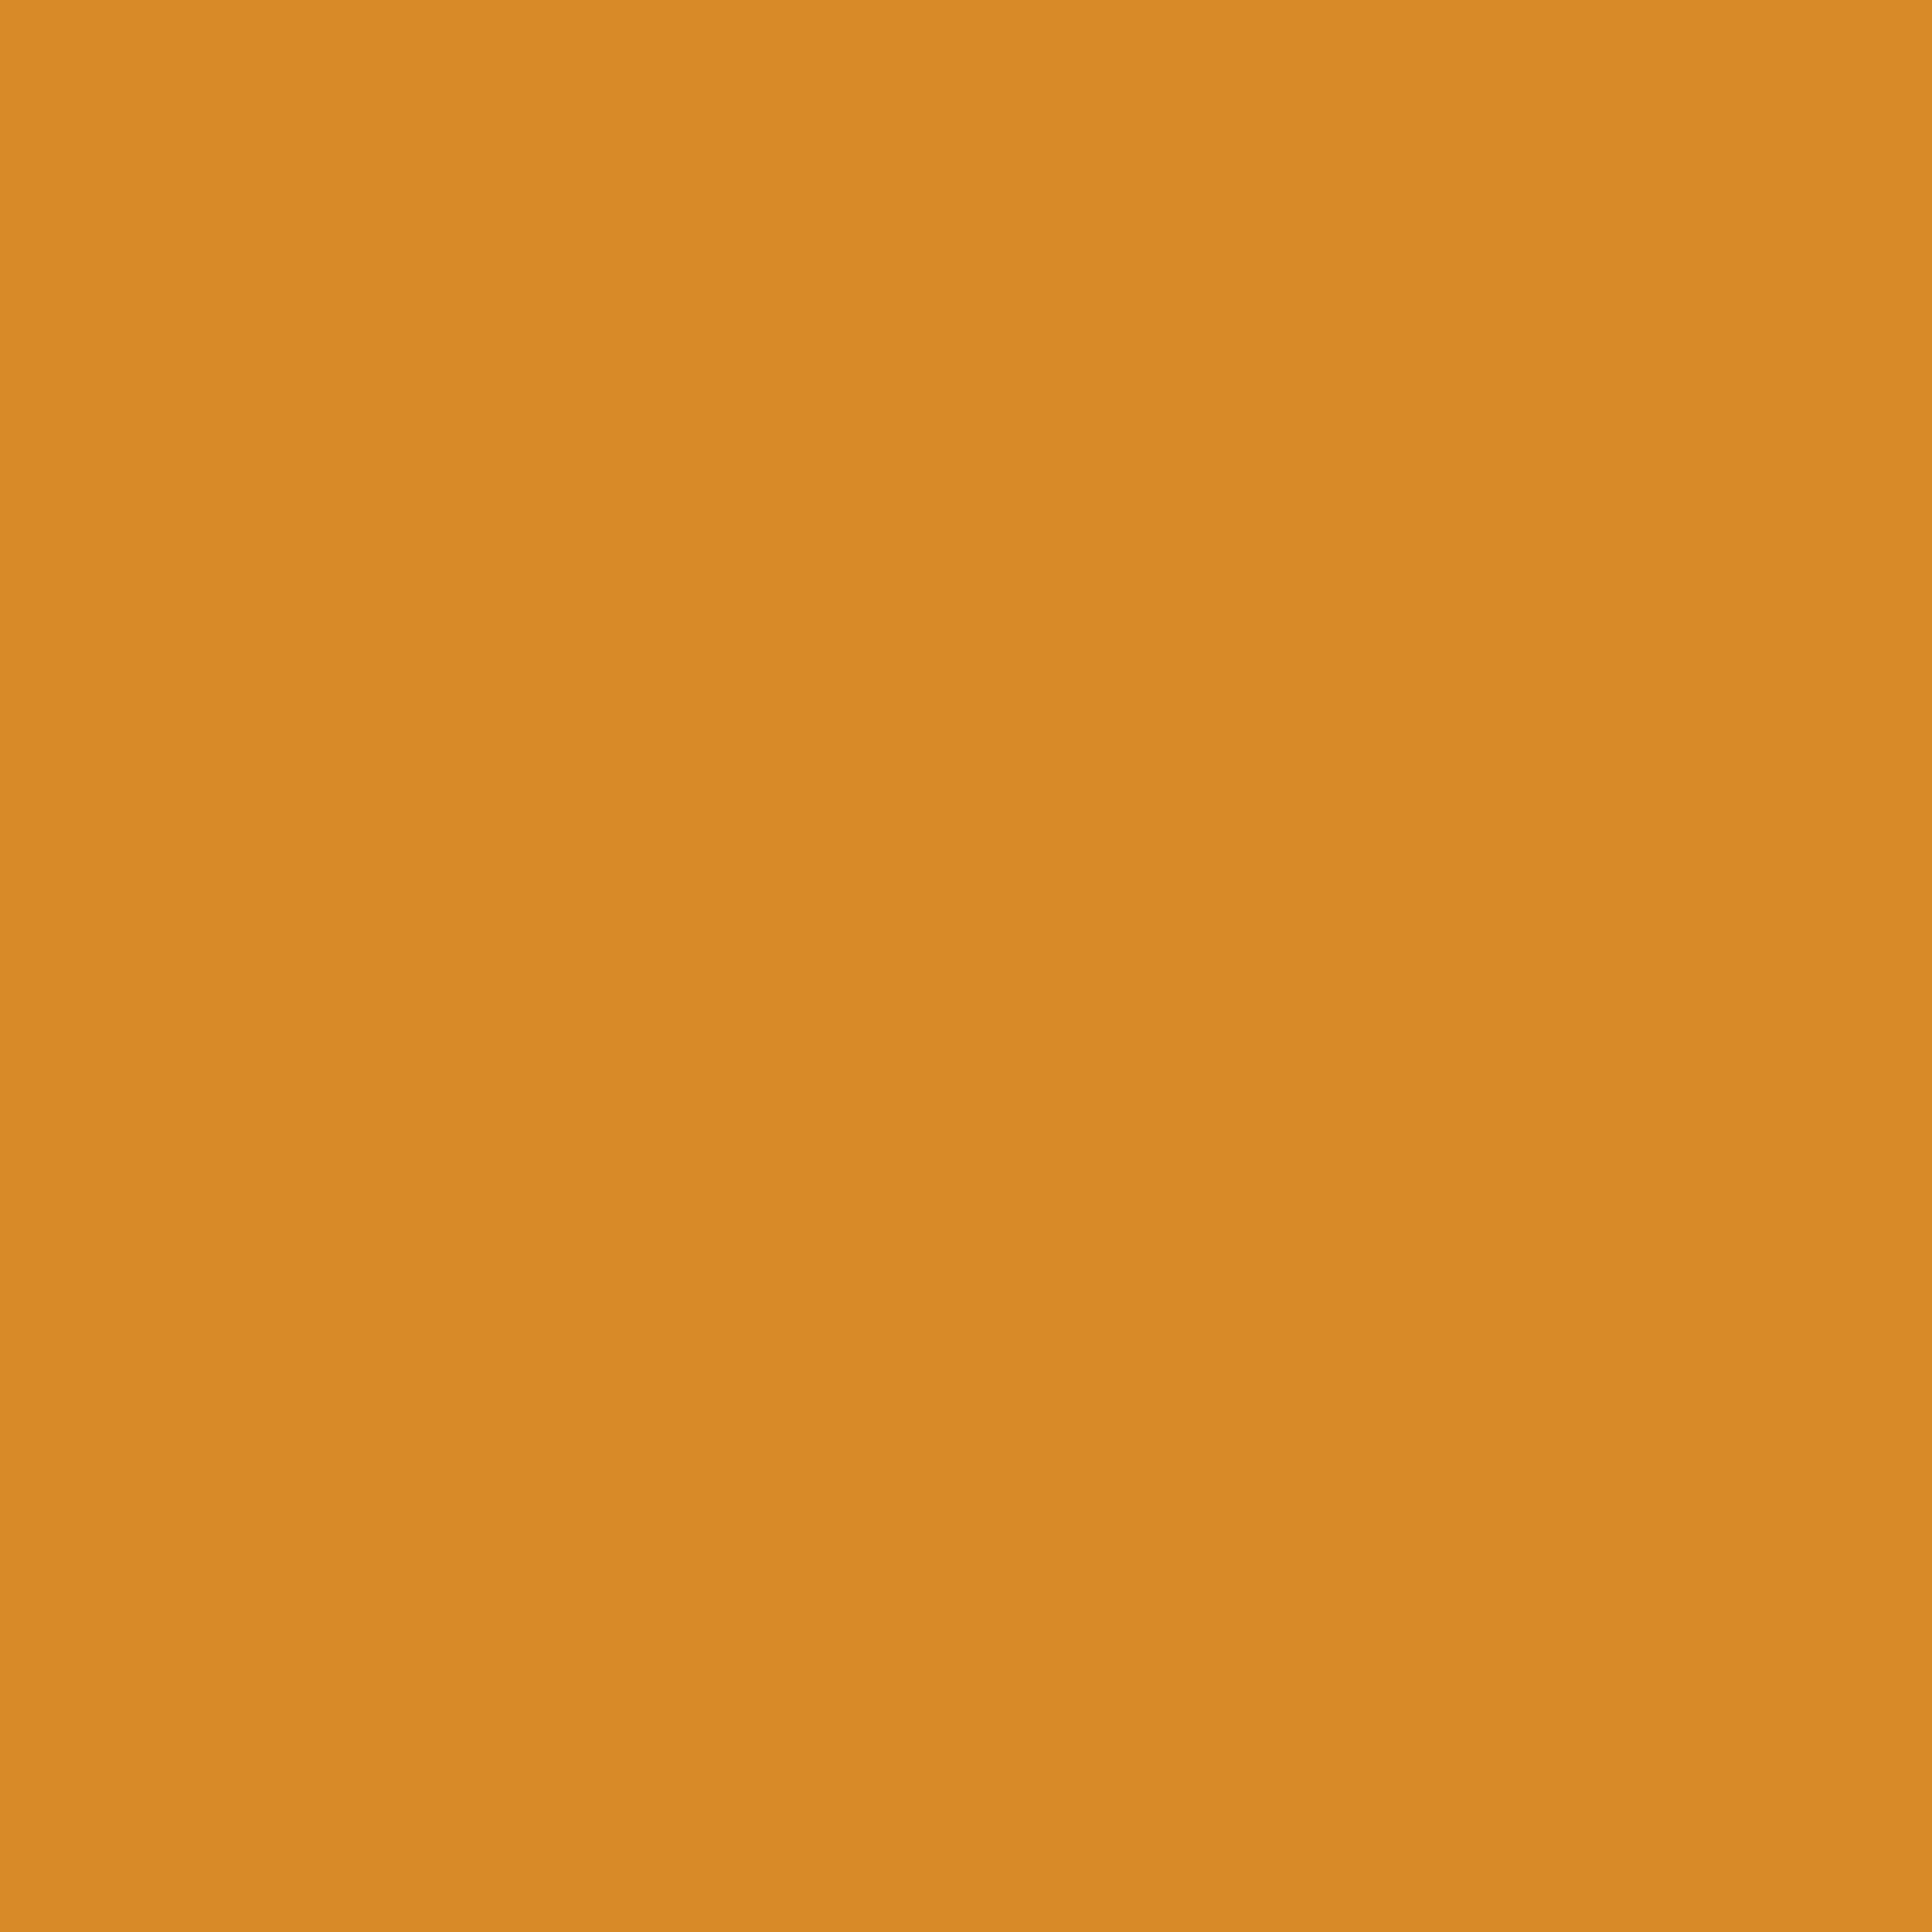 driehoek_geel_ro